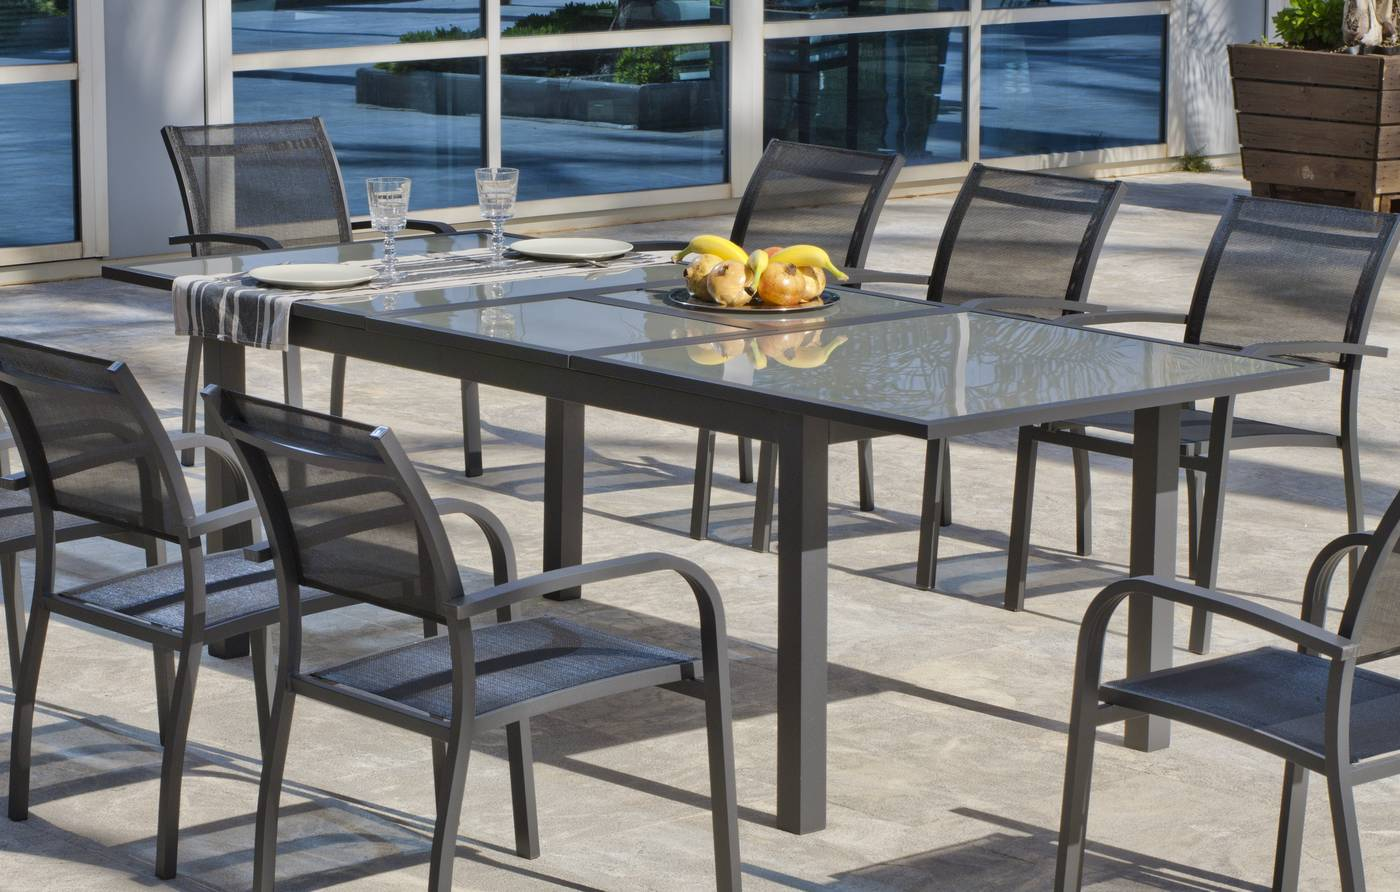 Mesa Aluminio Horizon 180 240 De Hevea Terraza Jardín